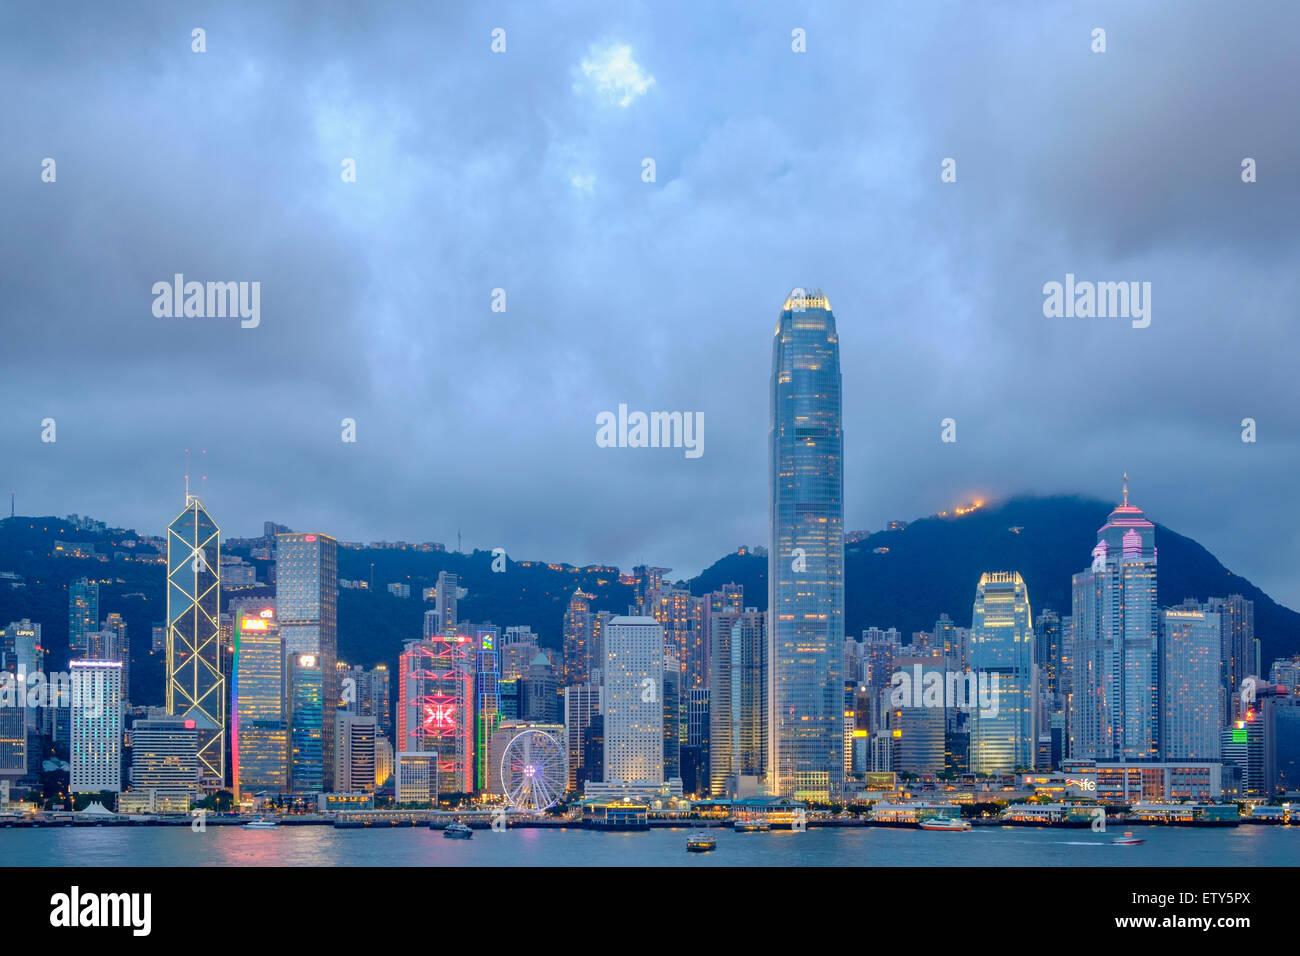 Crepuscolo skyline di grattacieli di Hong Kong da Kowloon in un giorno chiaro Immagini Stock